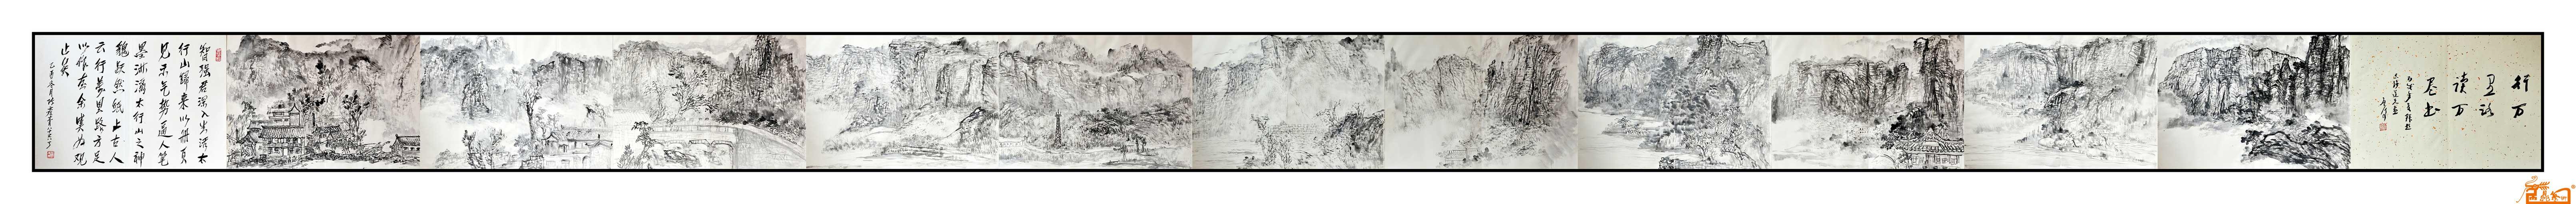 山水长卷-杨智强-淘宝-名人字画-中国书画交易中心,,.图片